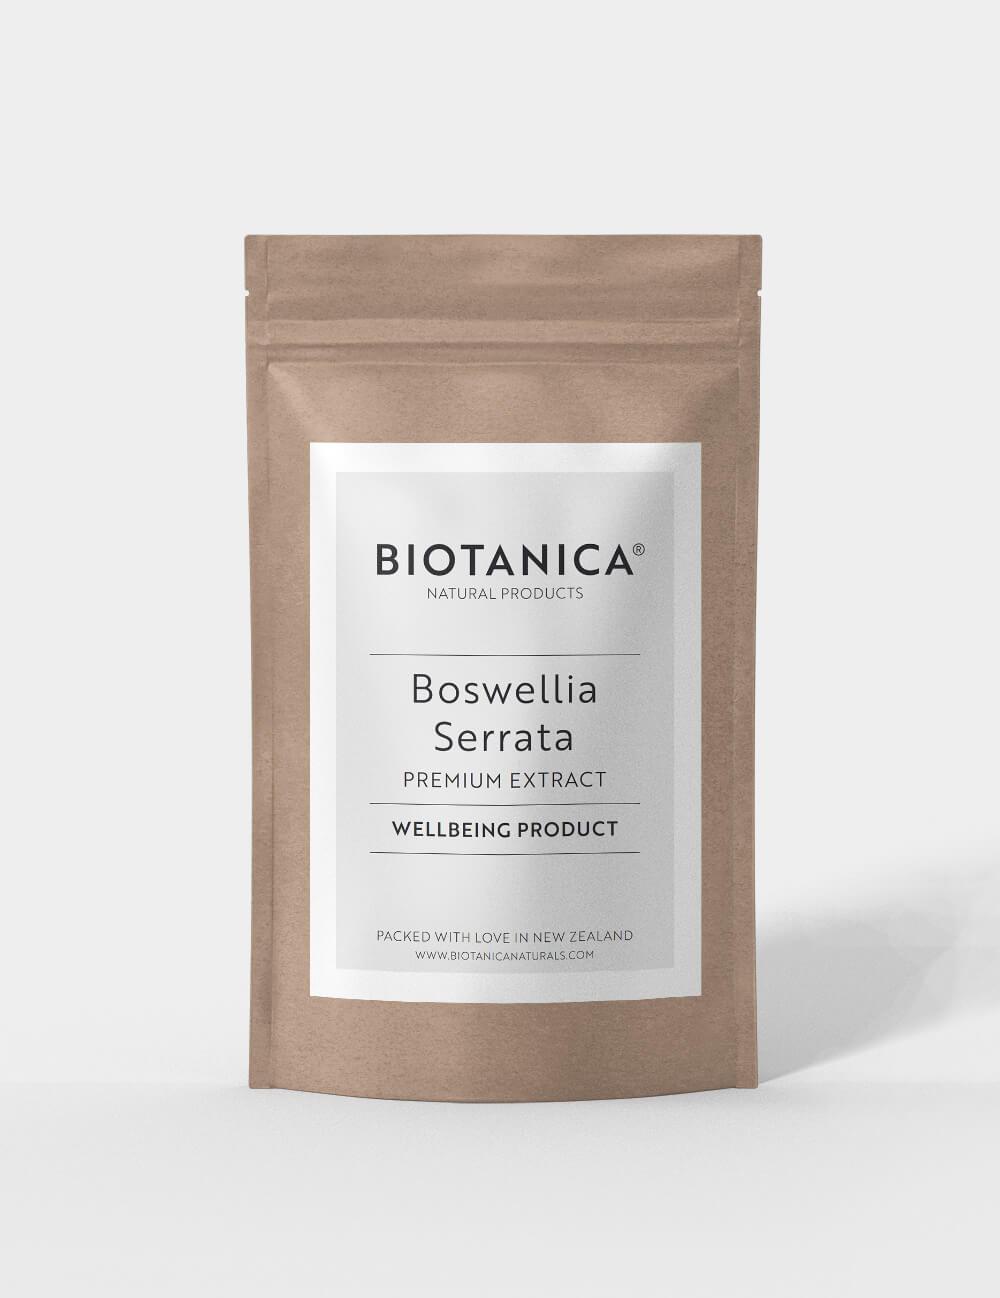 Boswellia Extract Image 1